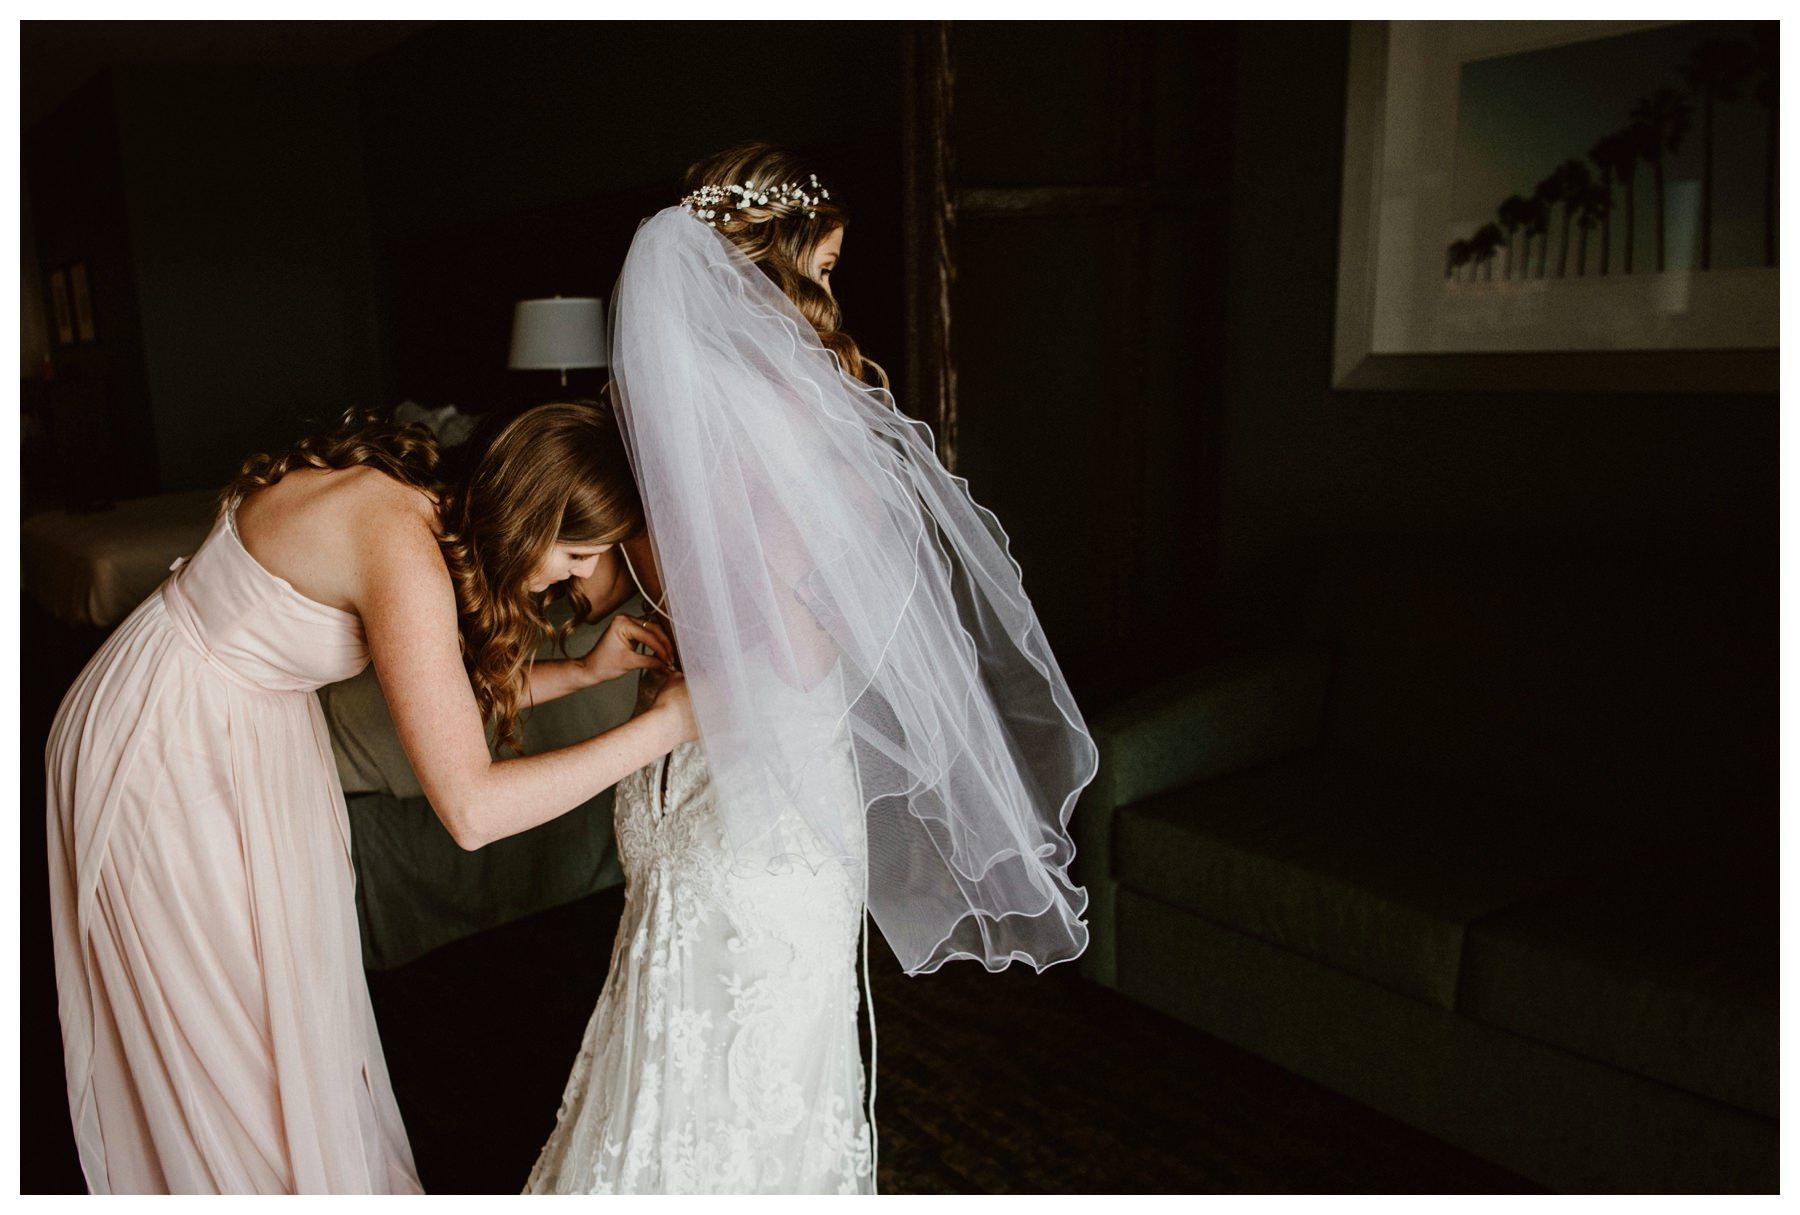 Coronado_Beach_Wedding_Singler_Photography_0007.jpg